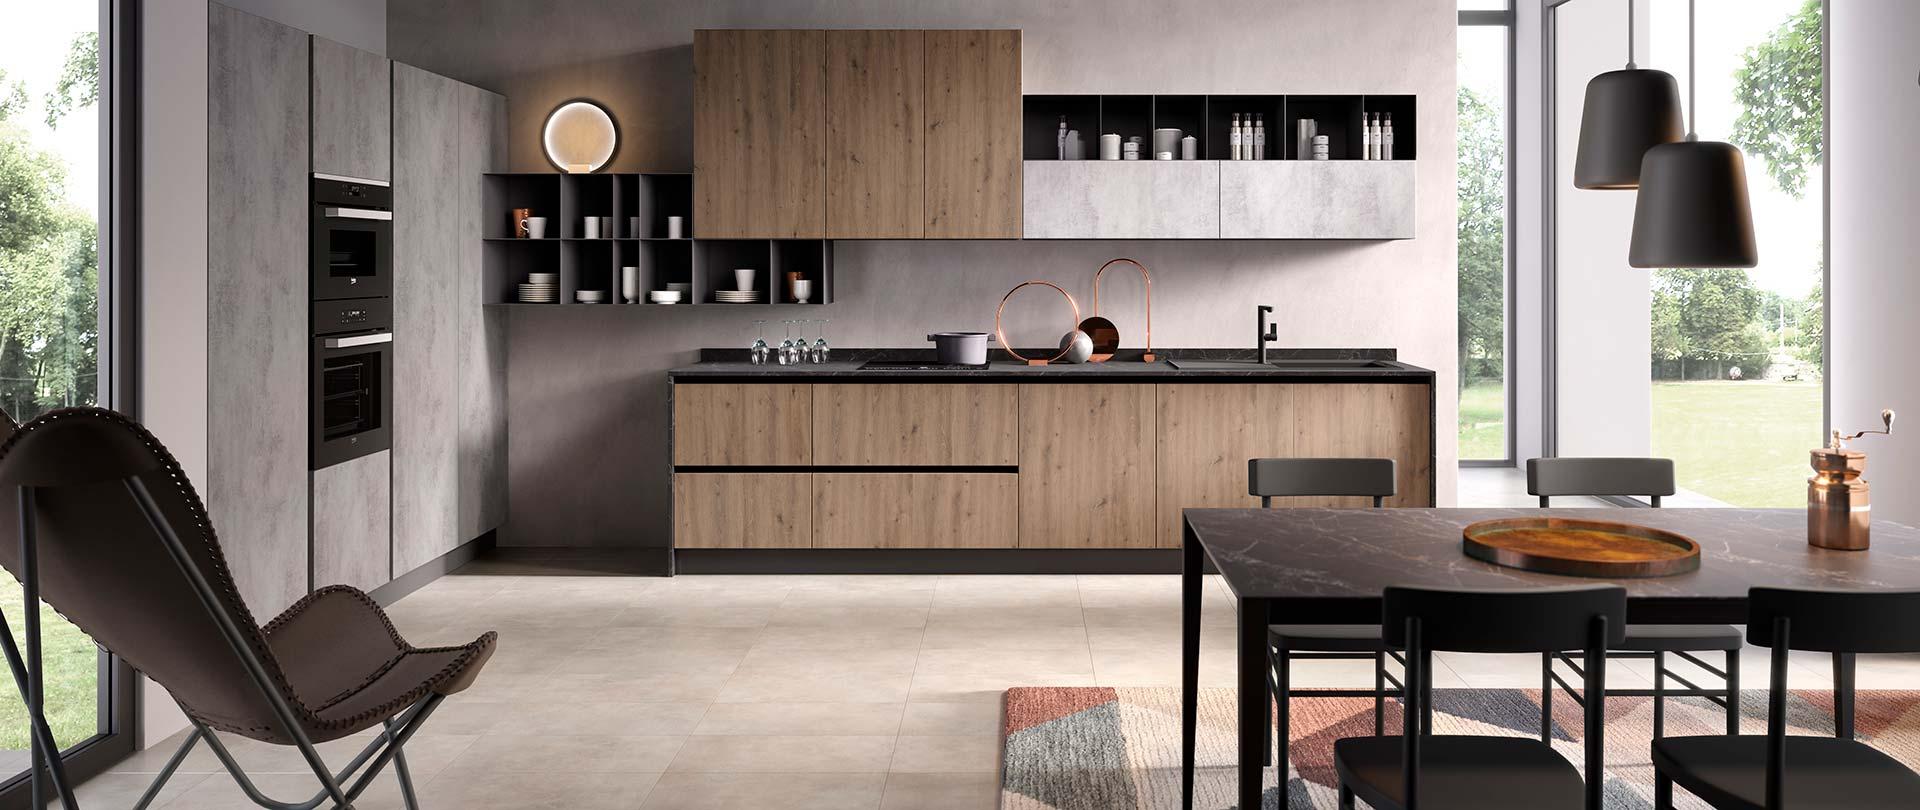 Progettazione interni e arredamento a Bergamo